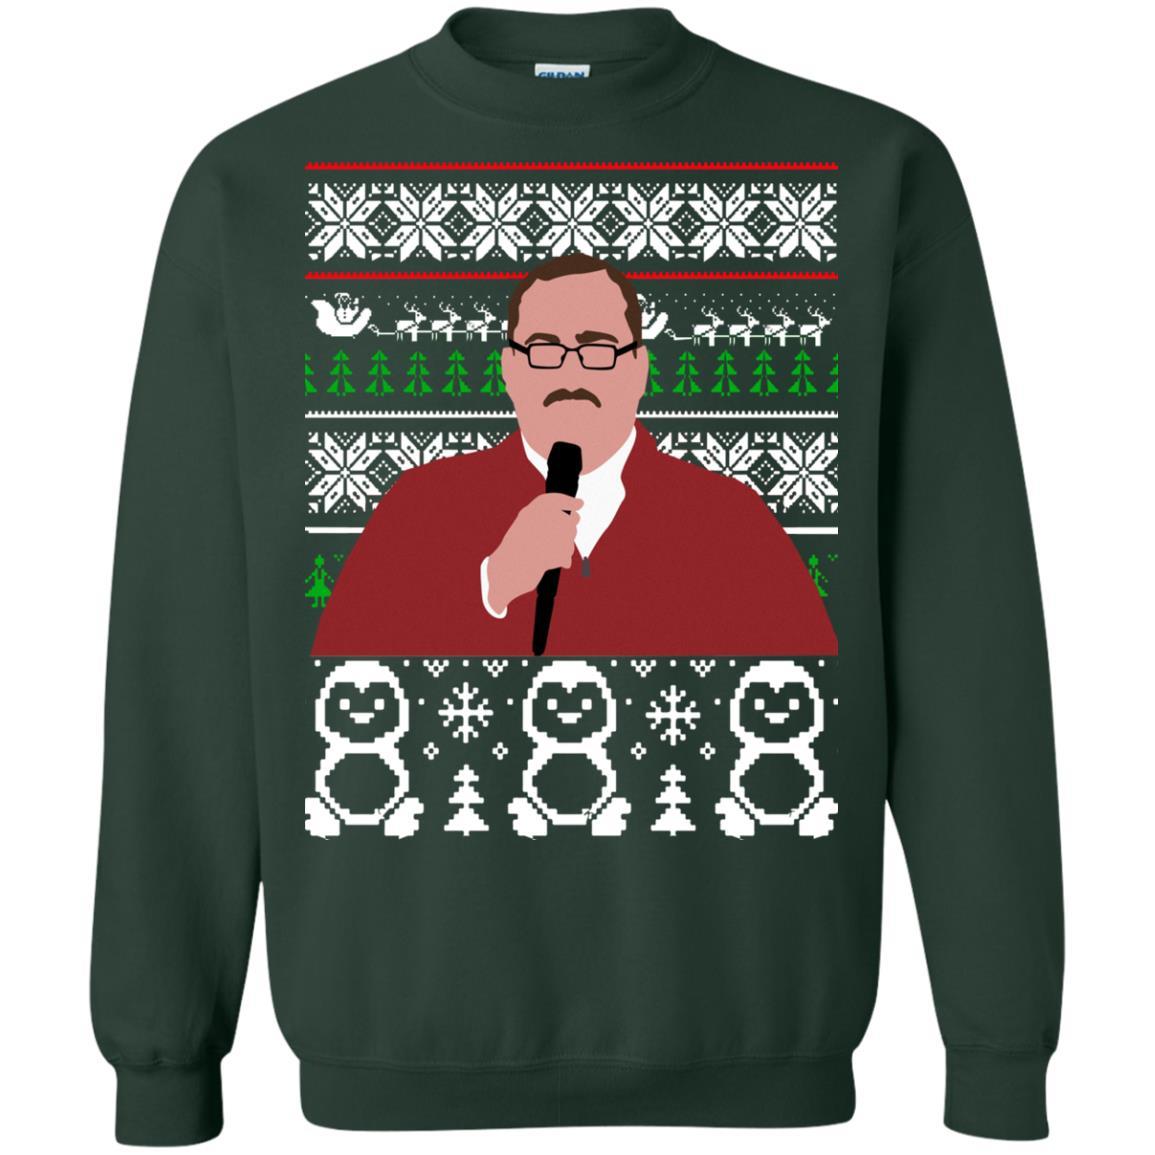 image 1888 - The Ken Bone Christmas Sweater, Hoodie